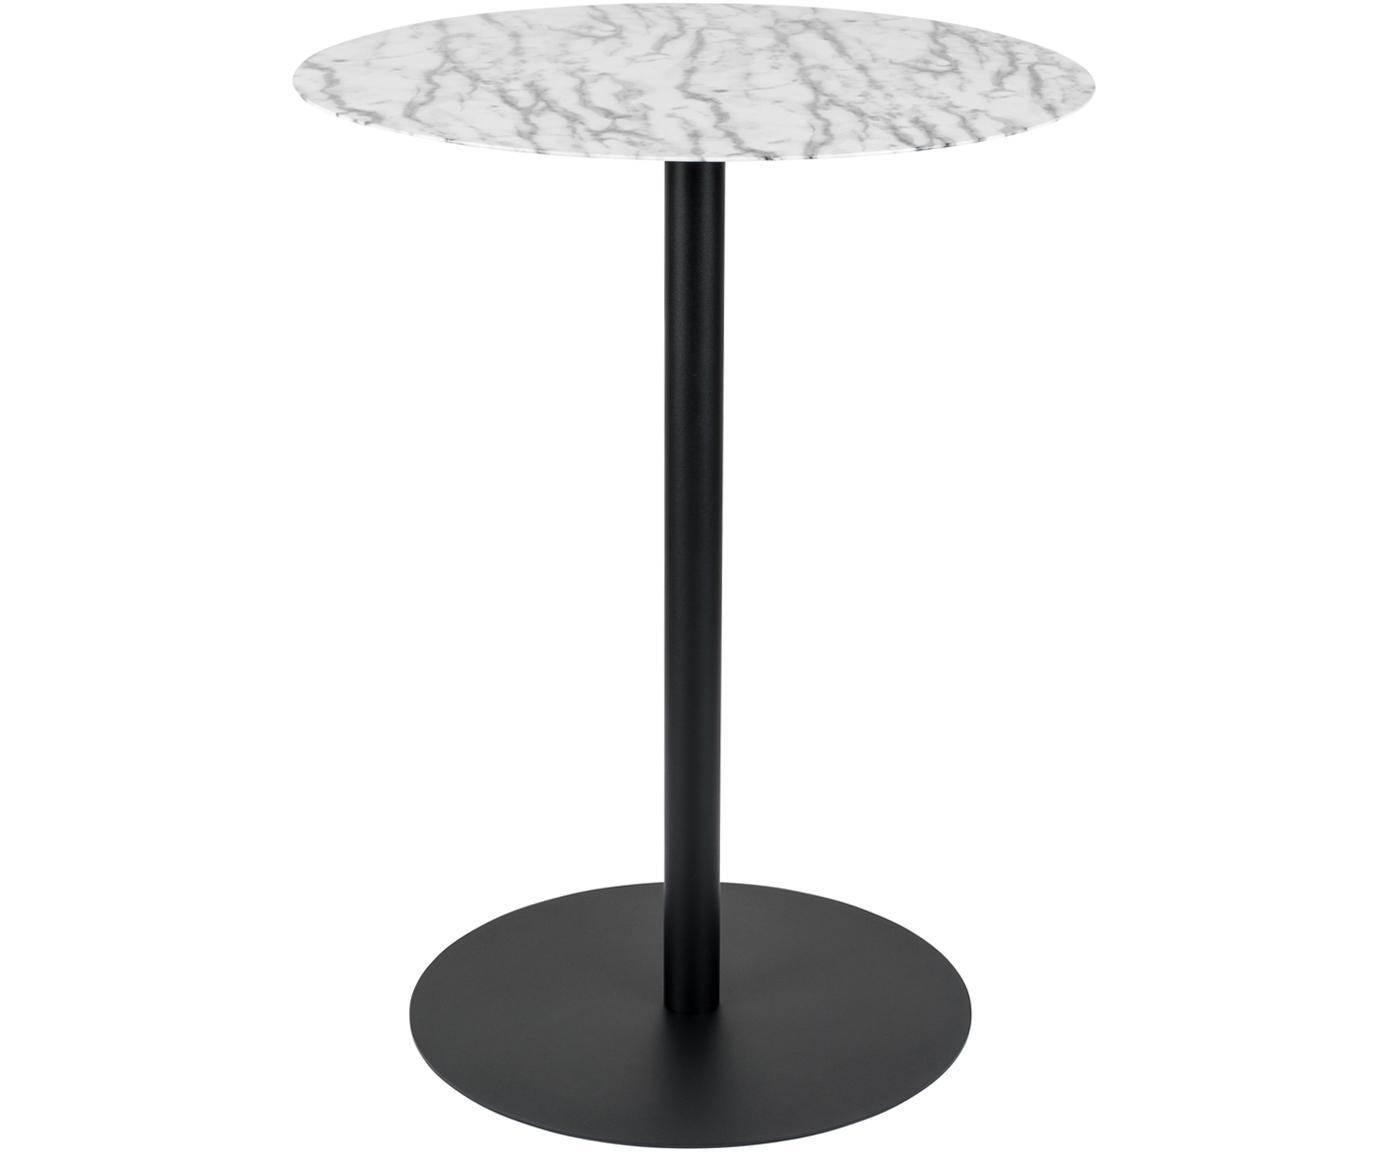 Tavolo da bistrot rotondo in metallo Snow, Piano d'appoggio: metallo rivestito, Struttura: metallo verniciato a polv, Nero, bianco, Ø 57 x Alt. 75 cm